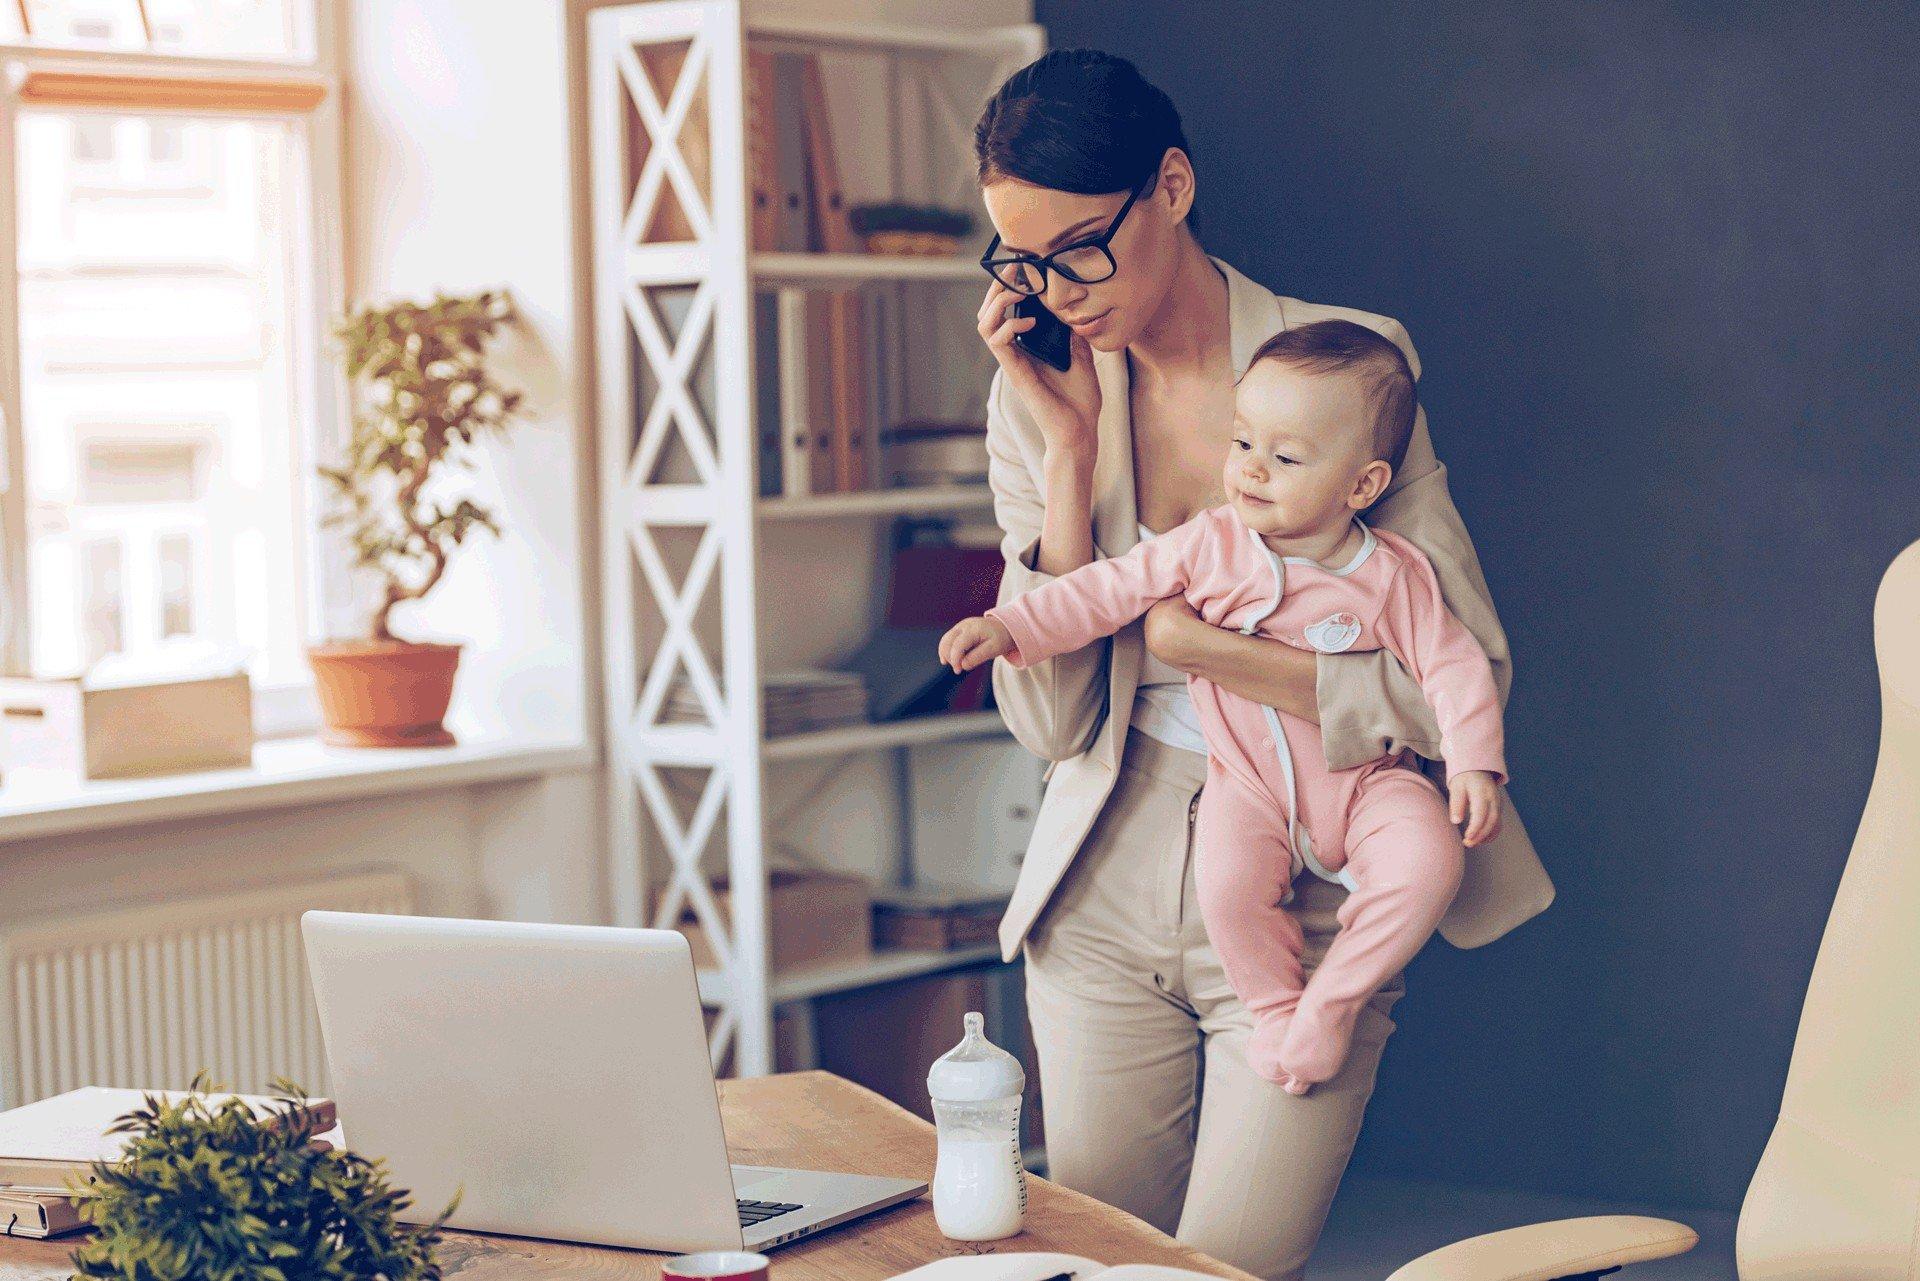 Çalışan ve Süt Veren Annelere Tavsiyeler